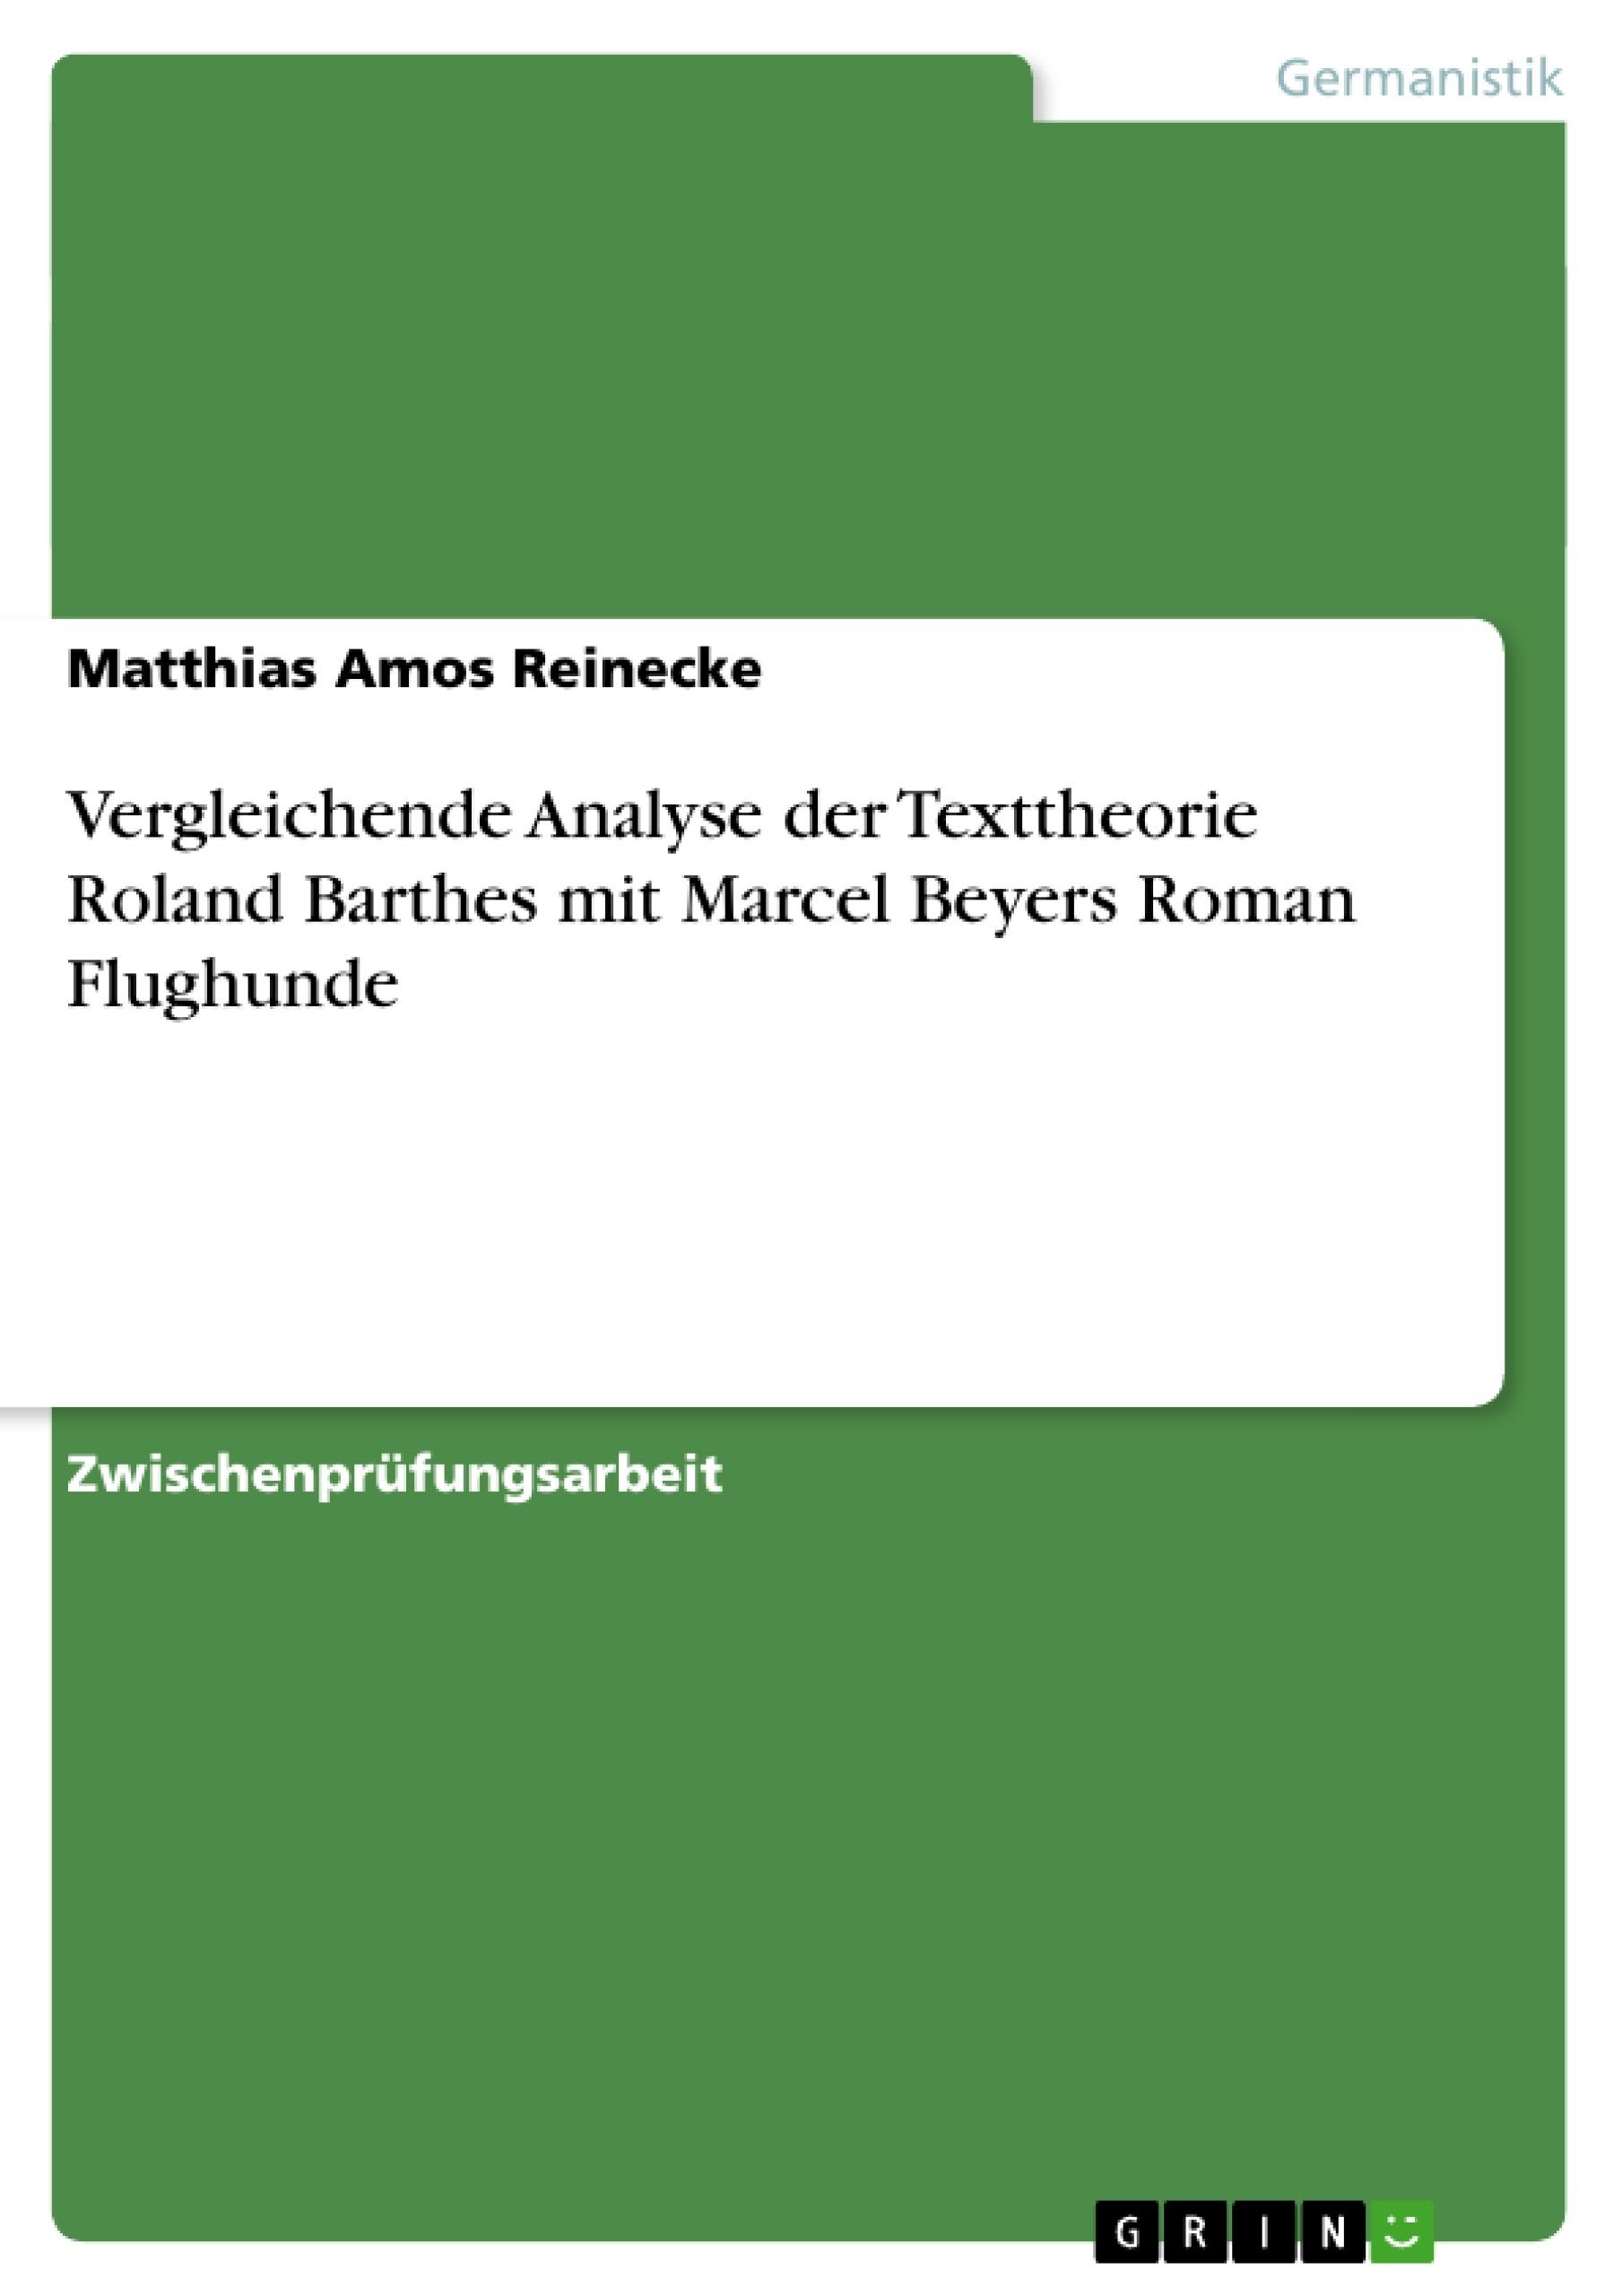 Titel: Vergleichende Analyse der Texttheorie Roland Barthes mit Marcel Beyers Roman Flughunde